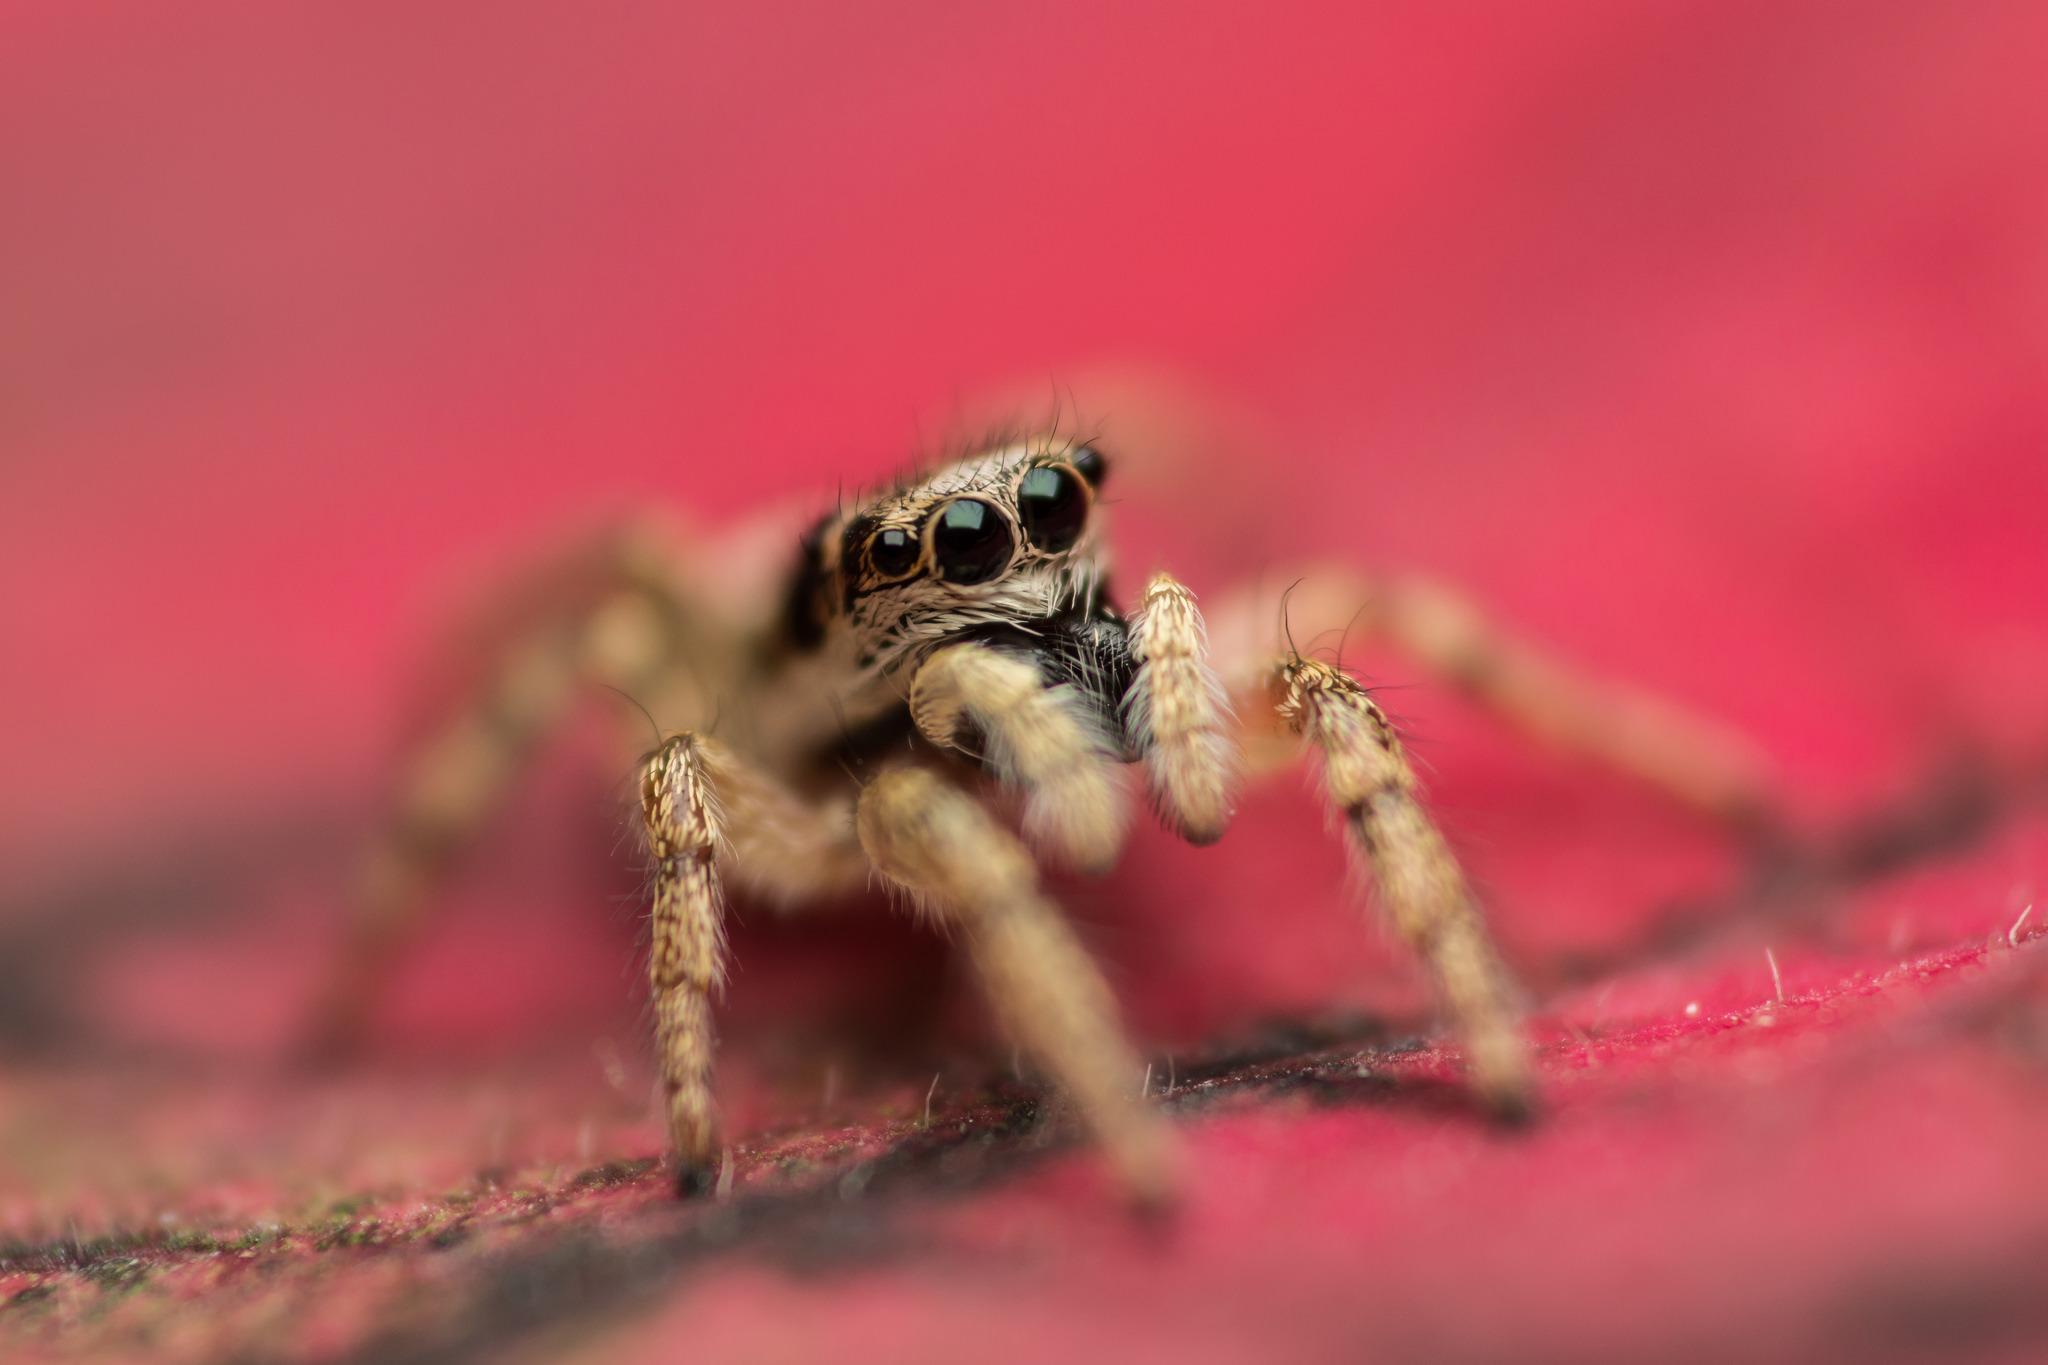 природа животные паук  № 2544198 загрузить